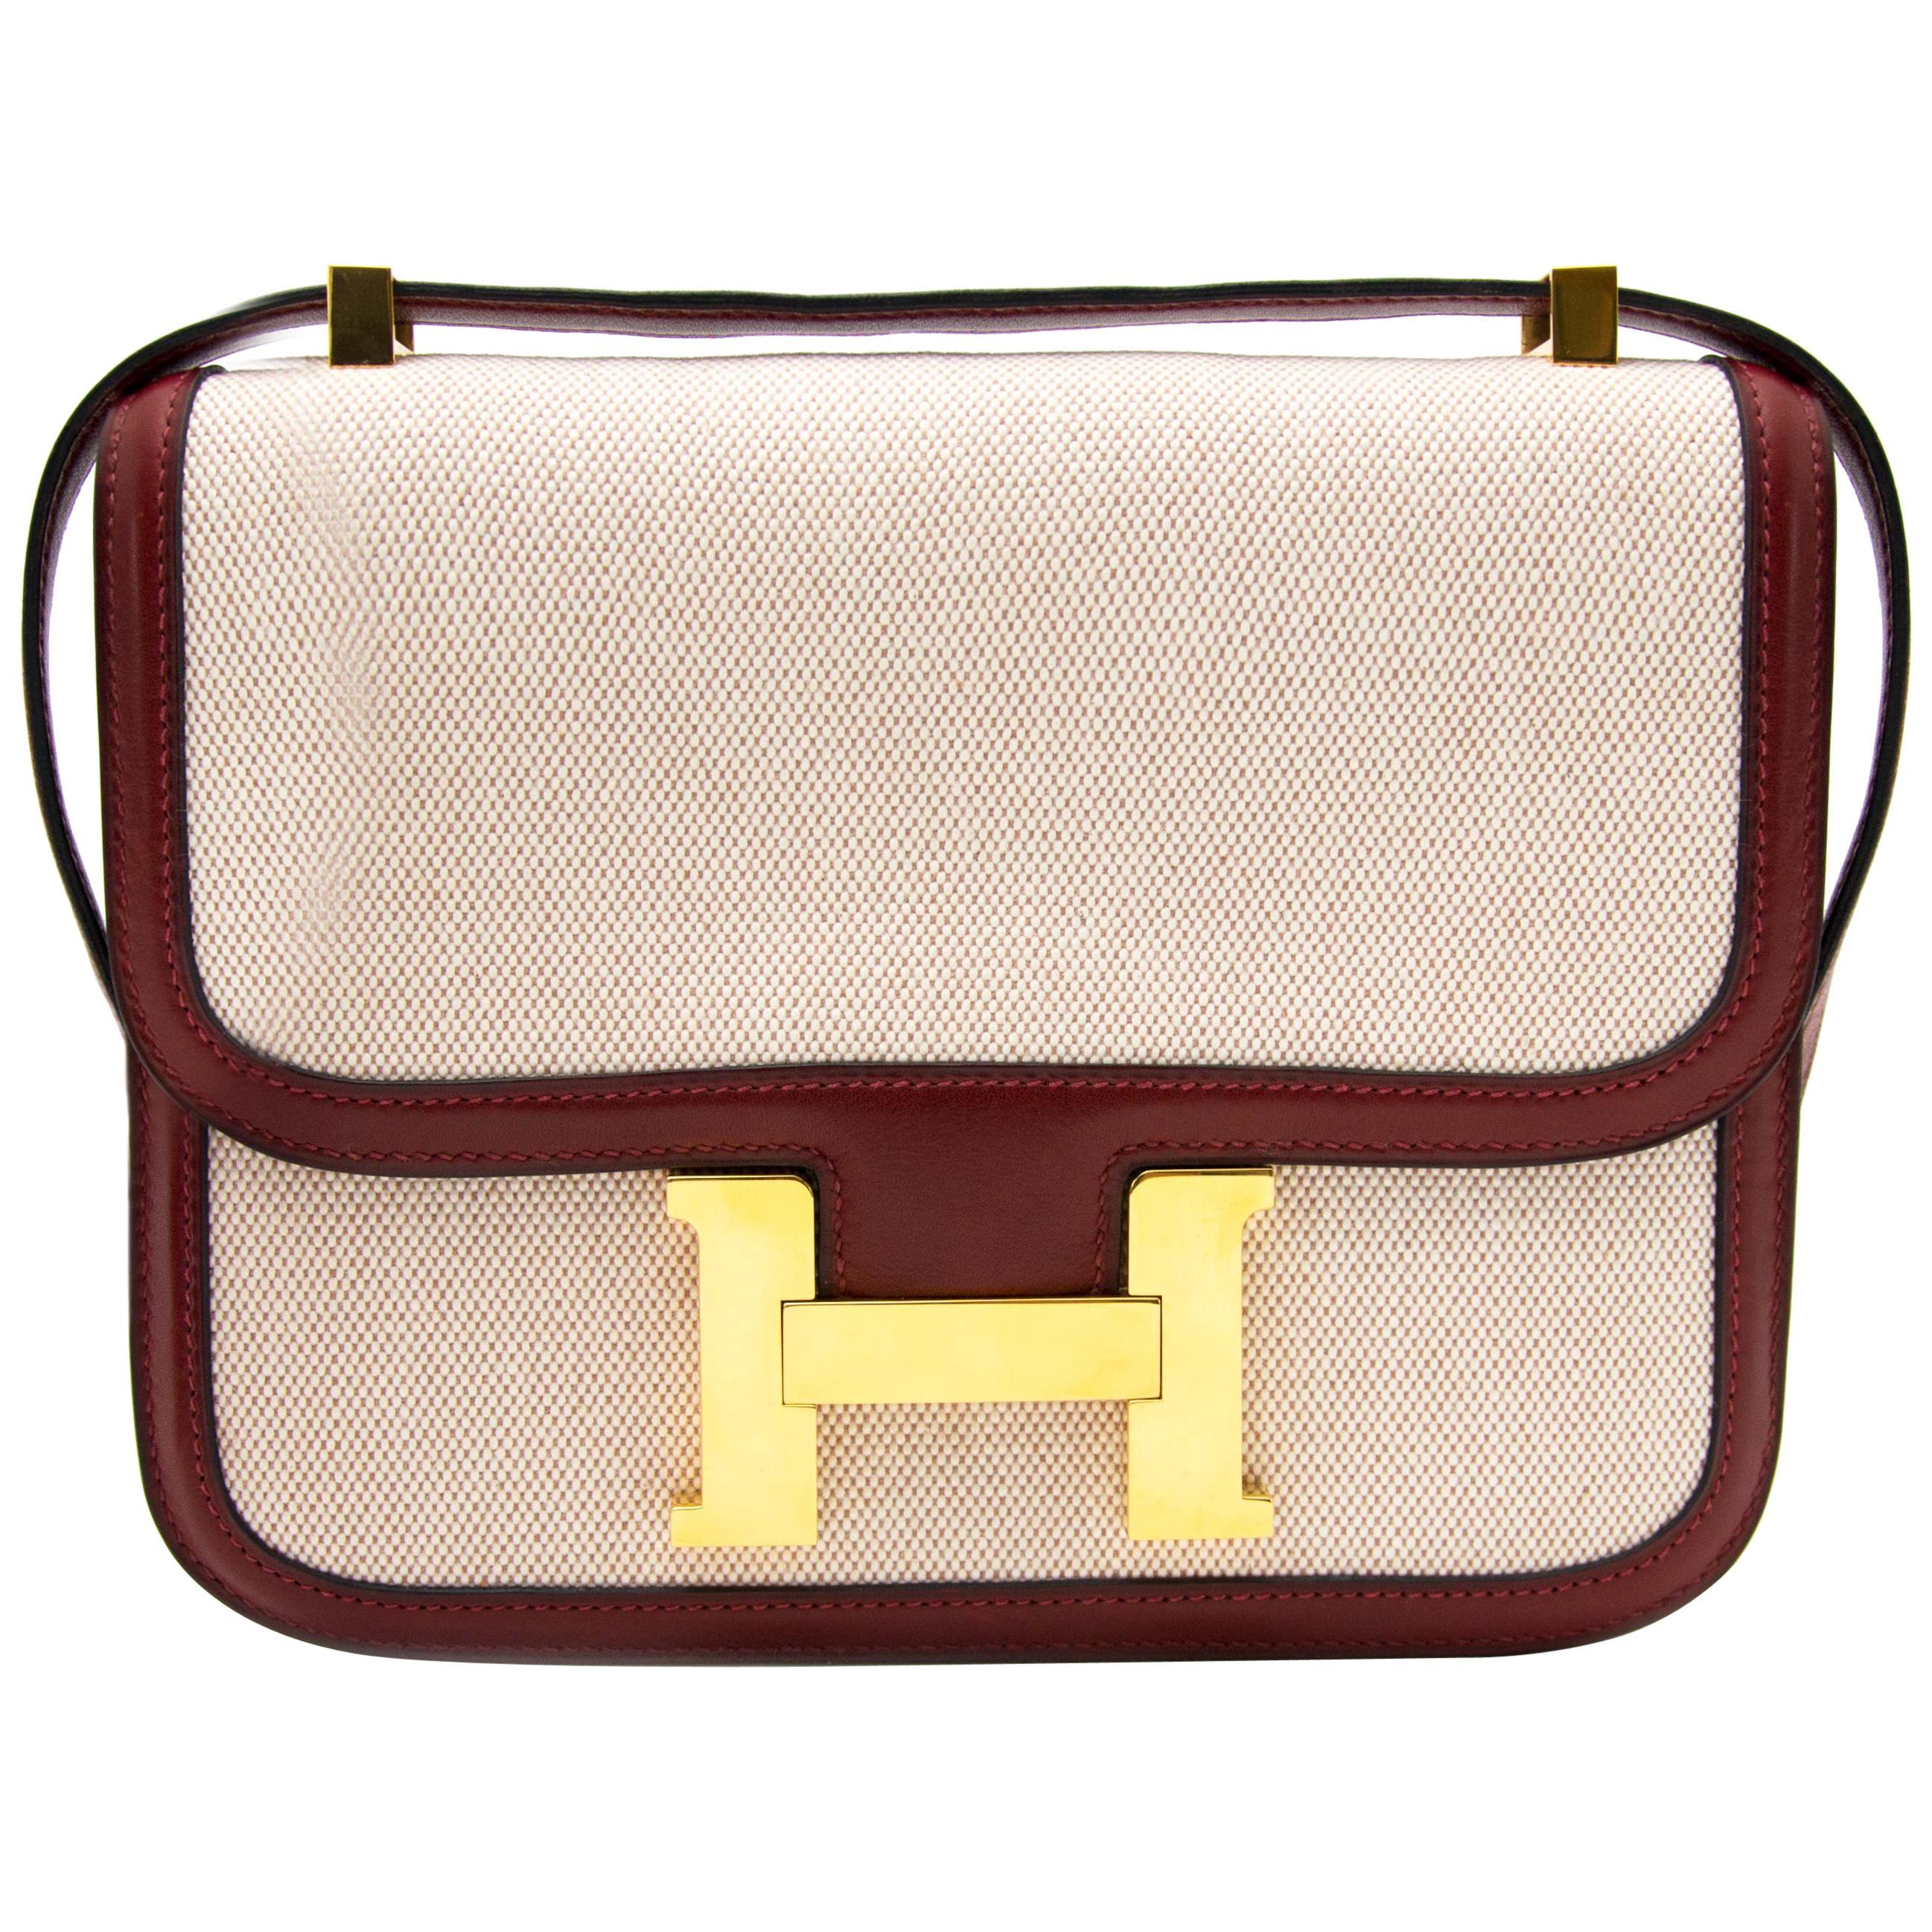 b09126d9c390 Hermès Lizard Constance Micro Bag Blanc Casse at 1stdibs